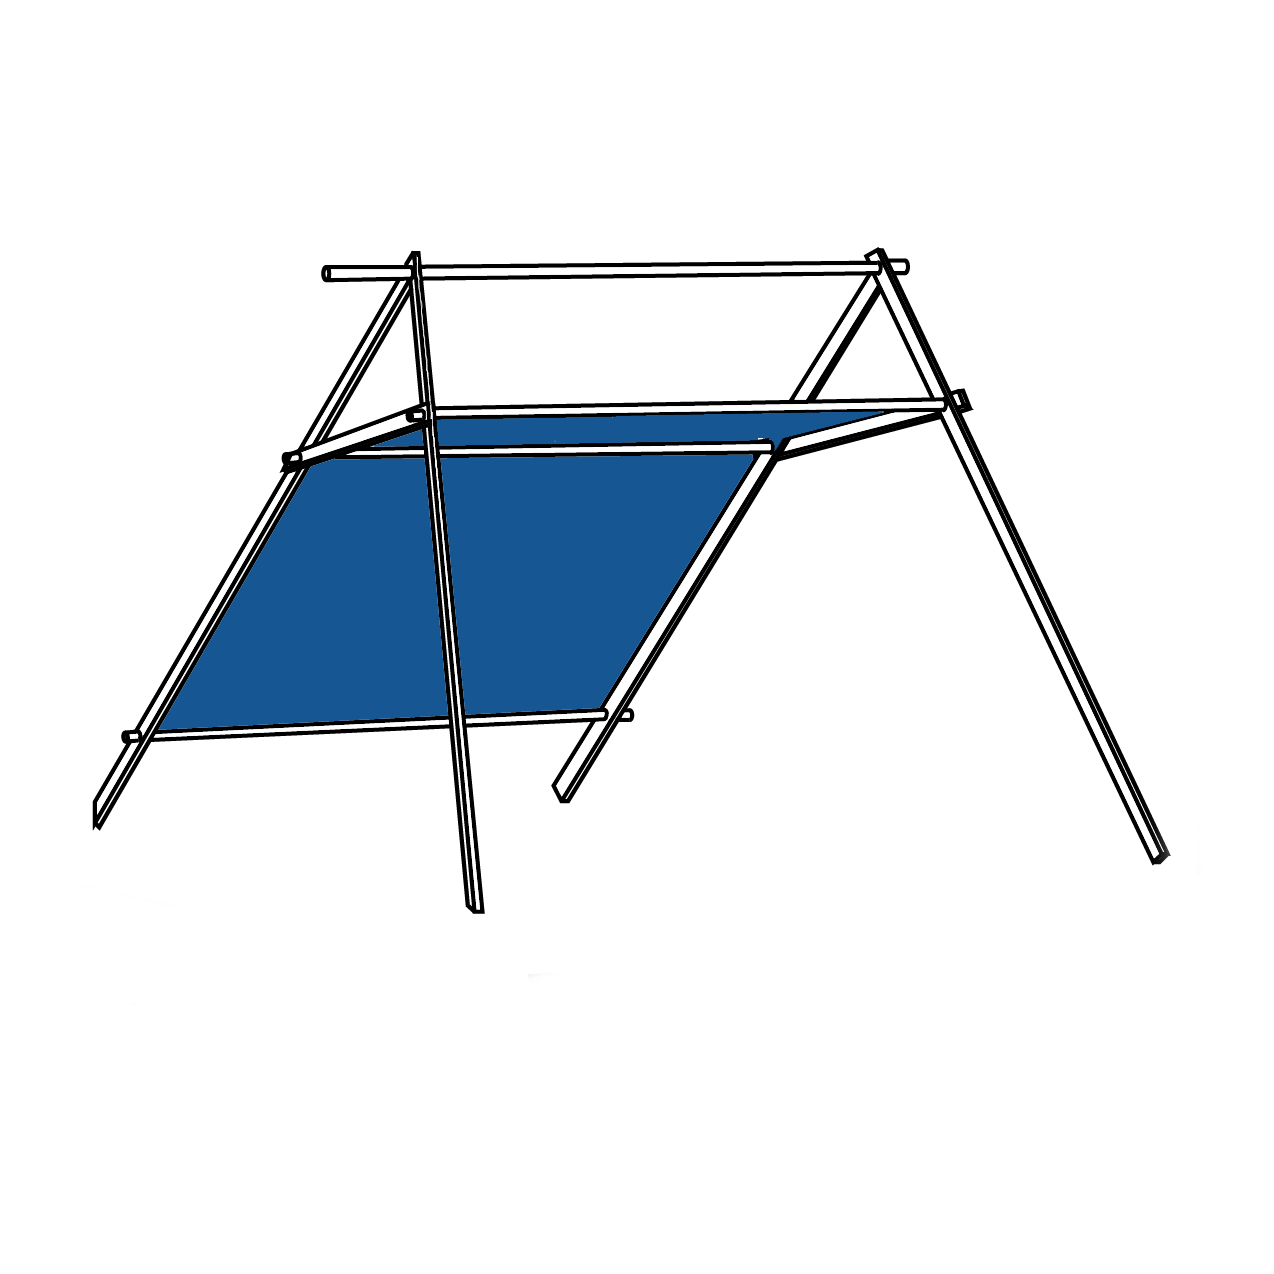 belleile_mt_bleu_electrique